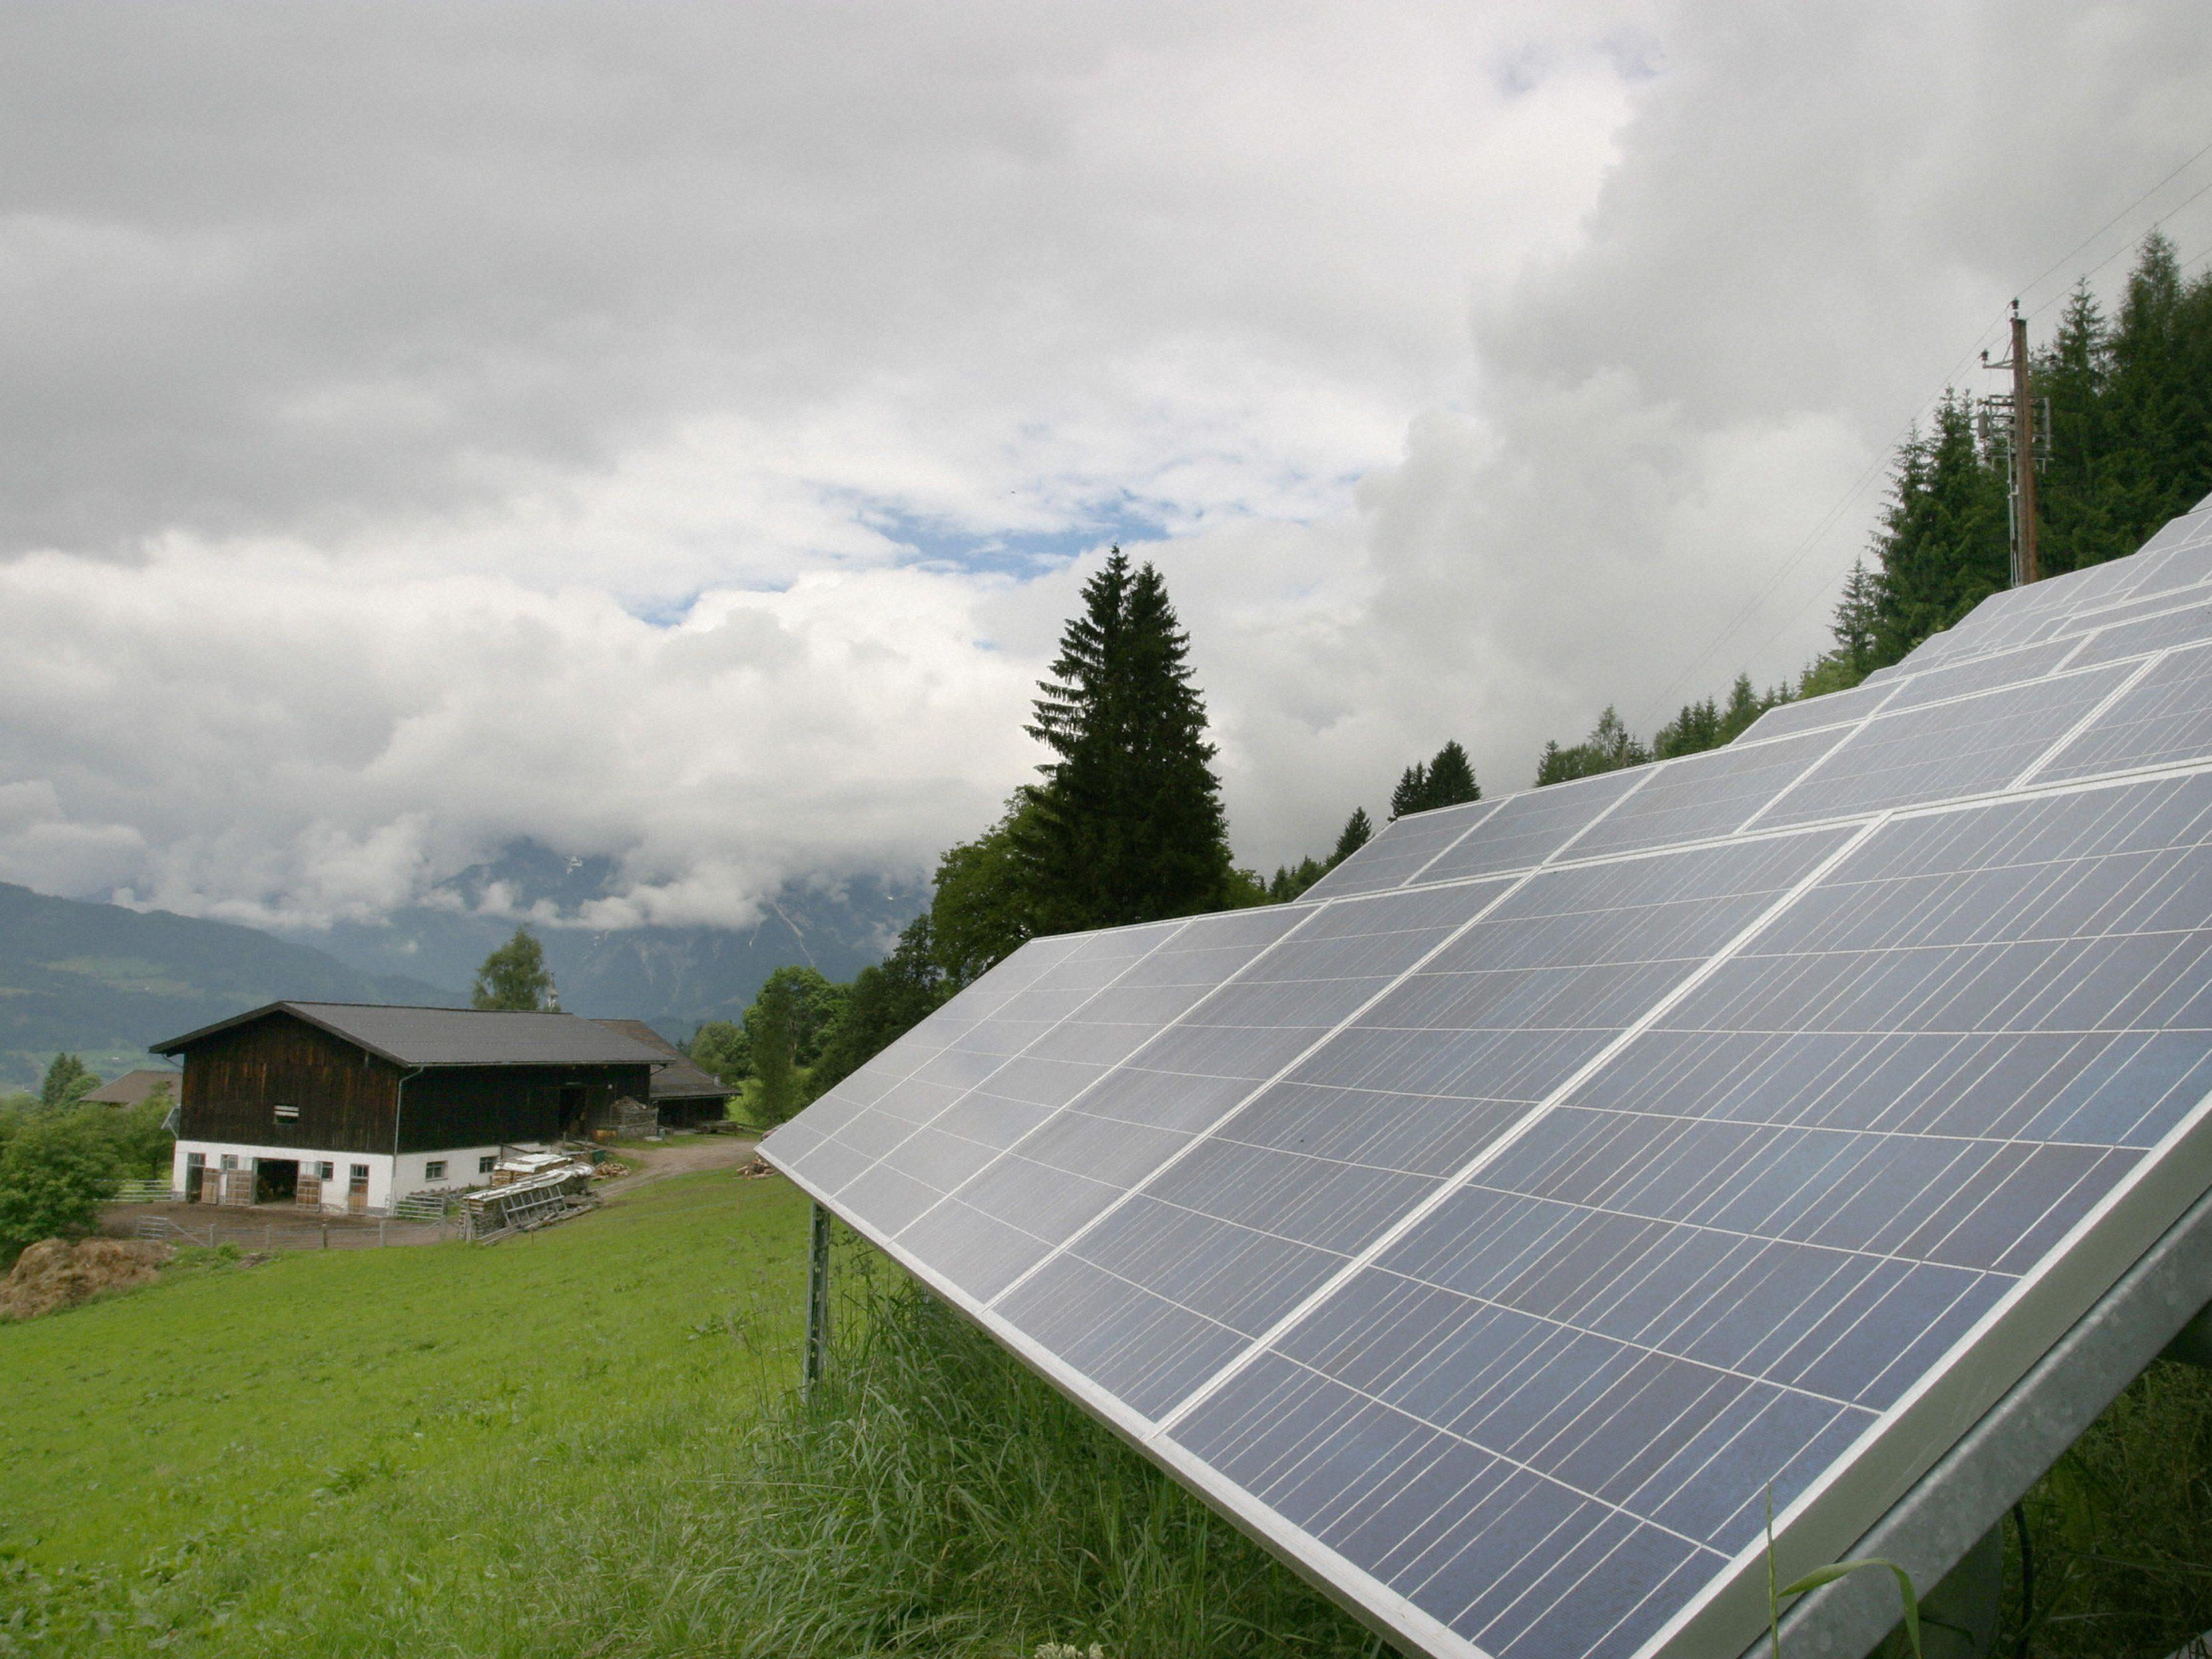 Auch dafür, dass die Tarife für Photovoltaikanlagen um 31 Prozent gesenkt wurden, hat Landesrat Schwärzler kein Verständnis